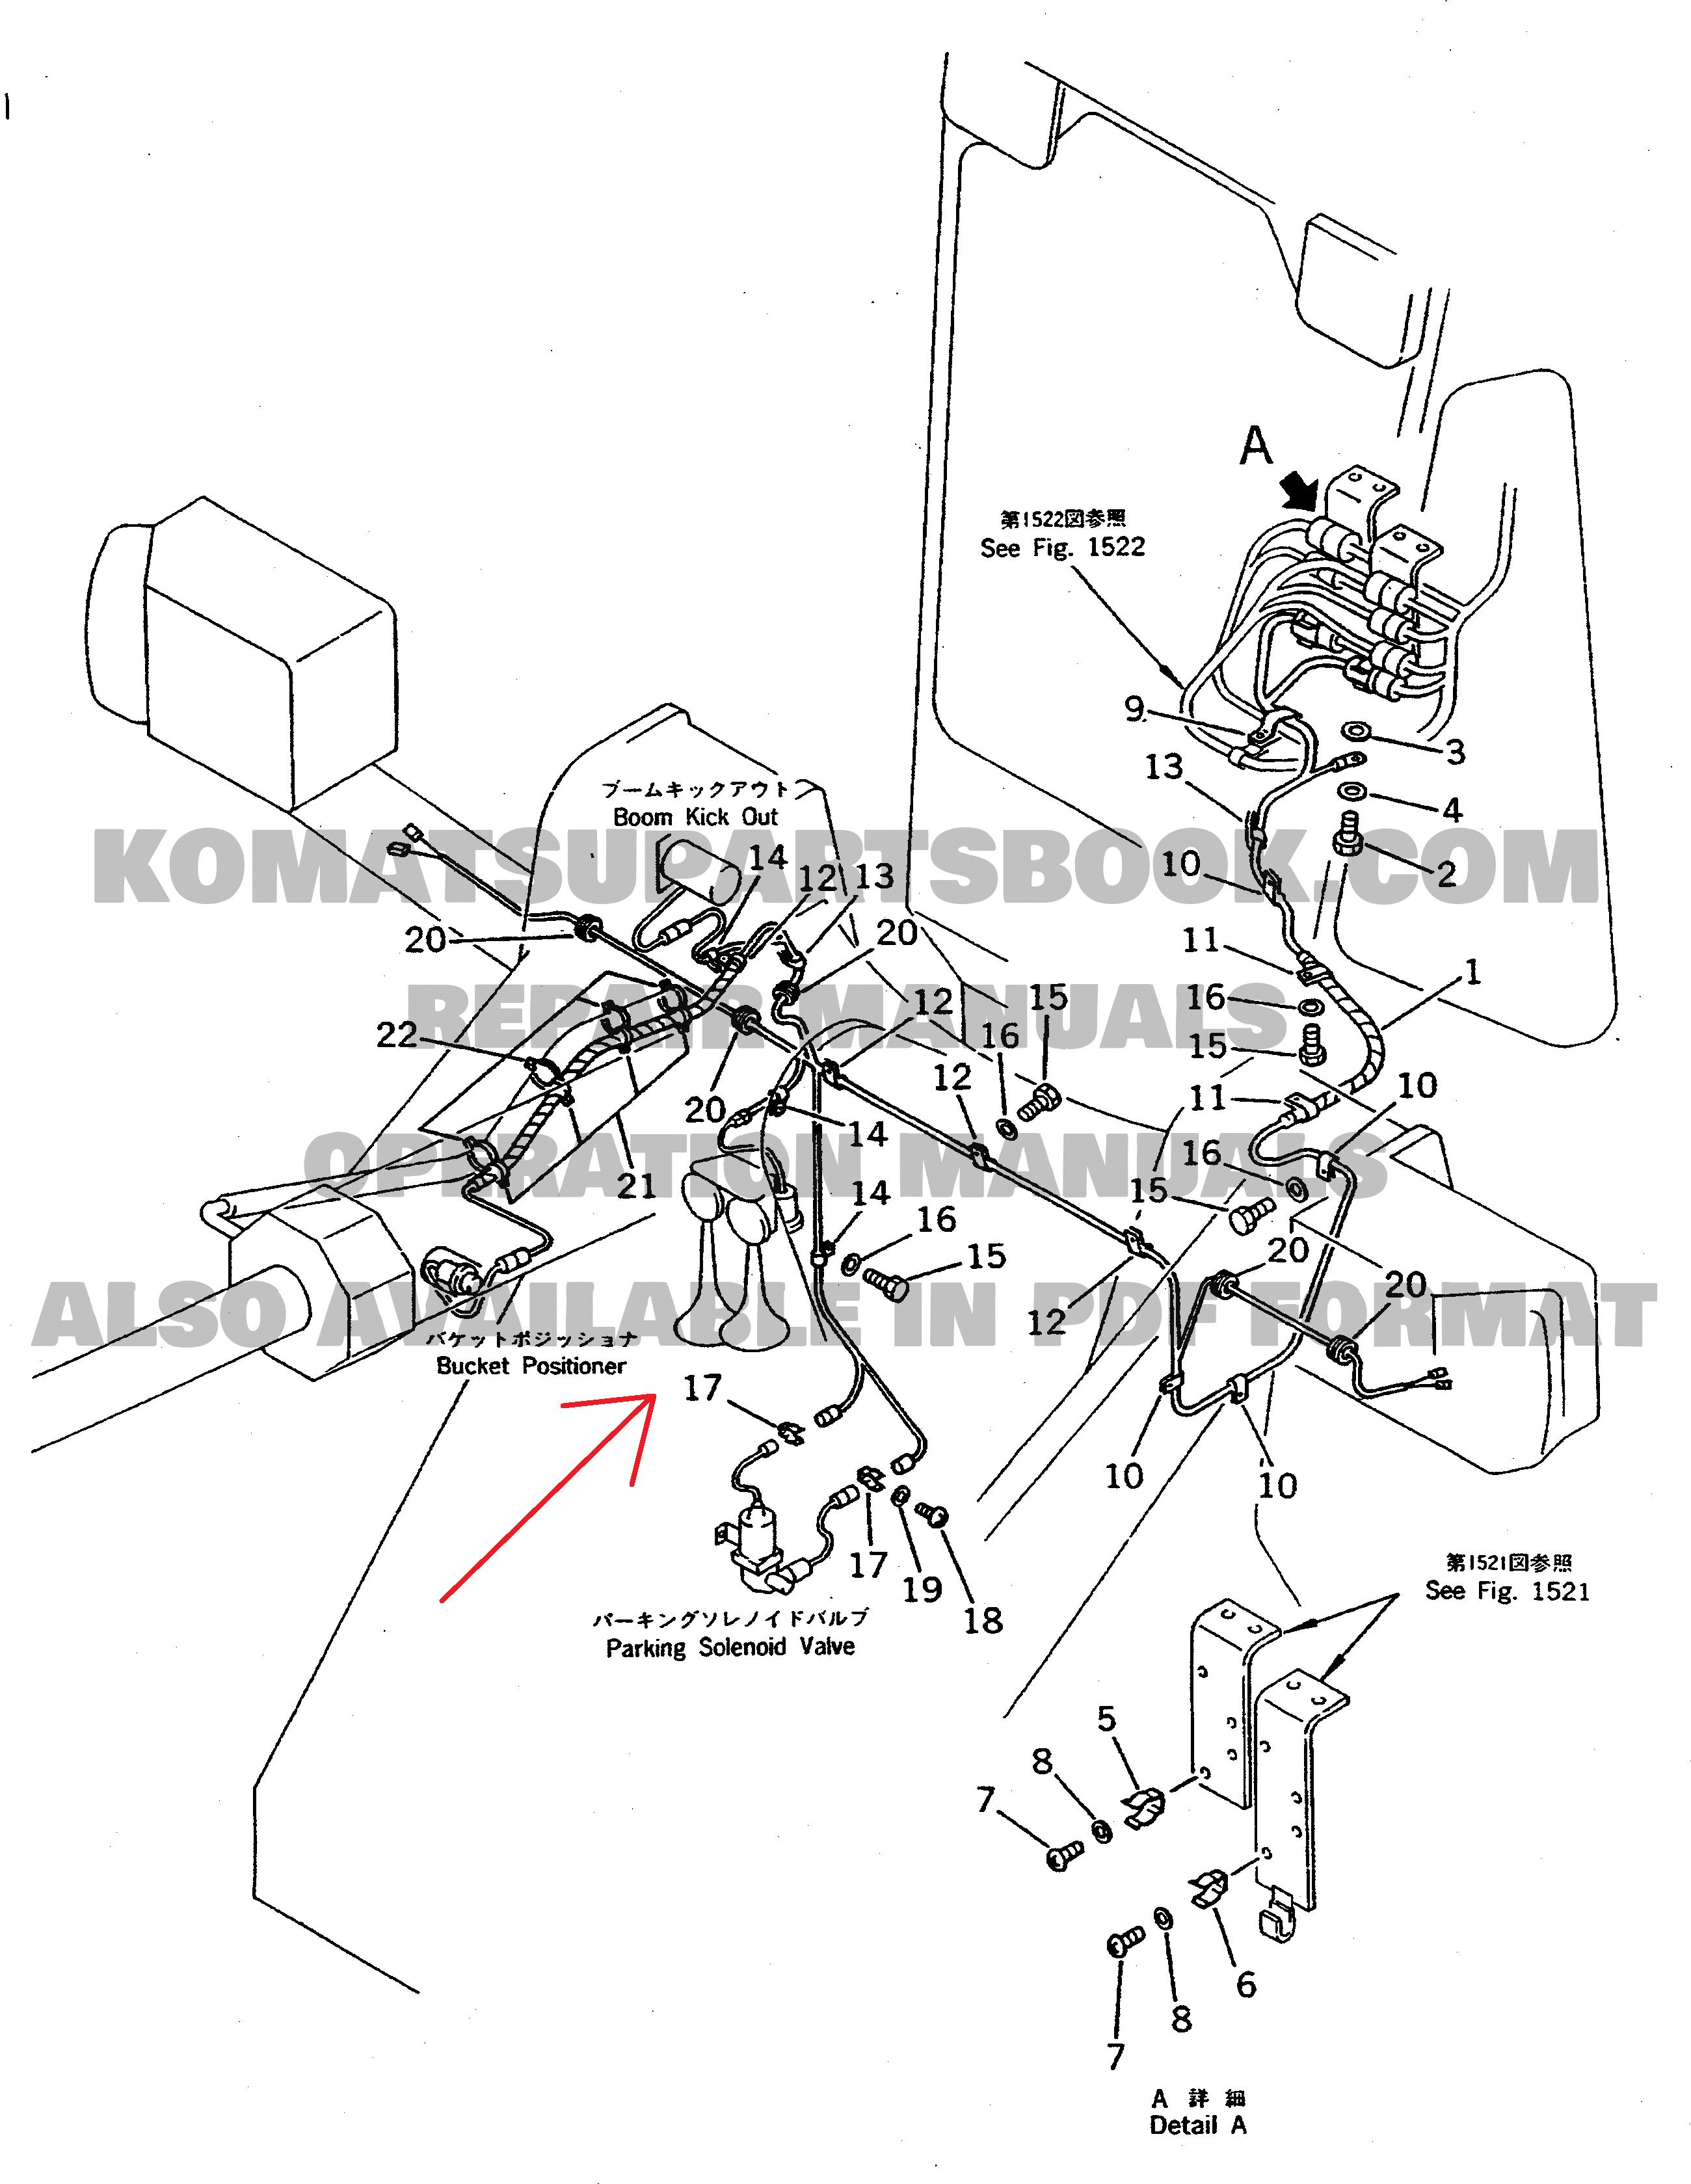 2014 komatsu wiring diagram   27 wiring diagram images